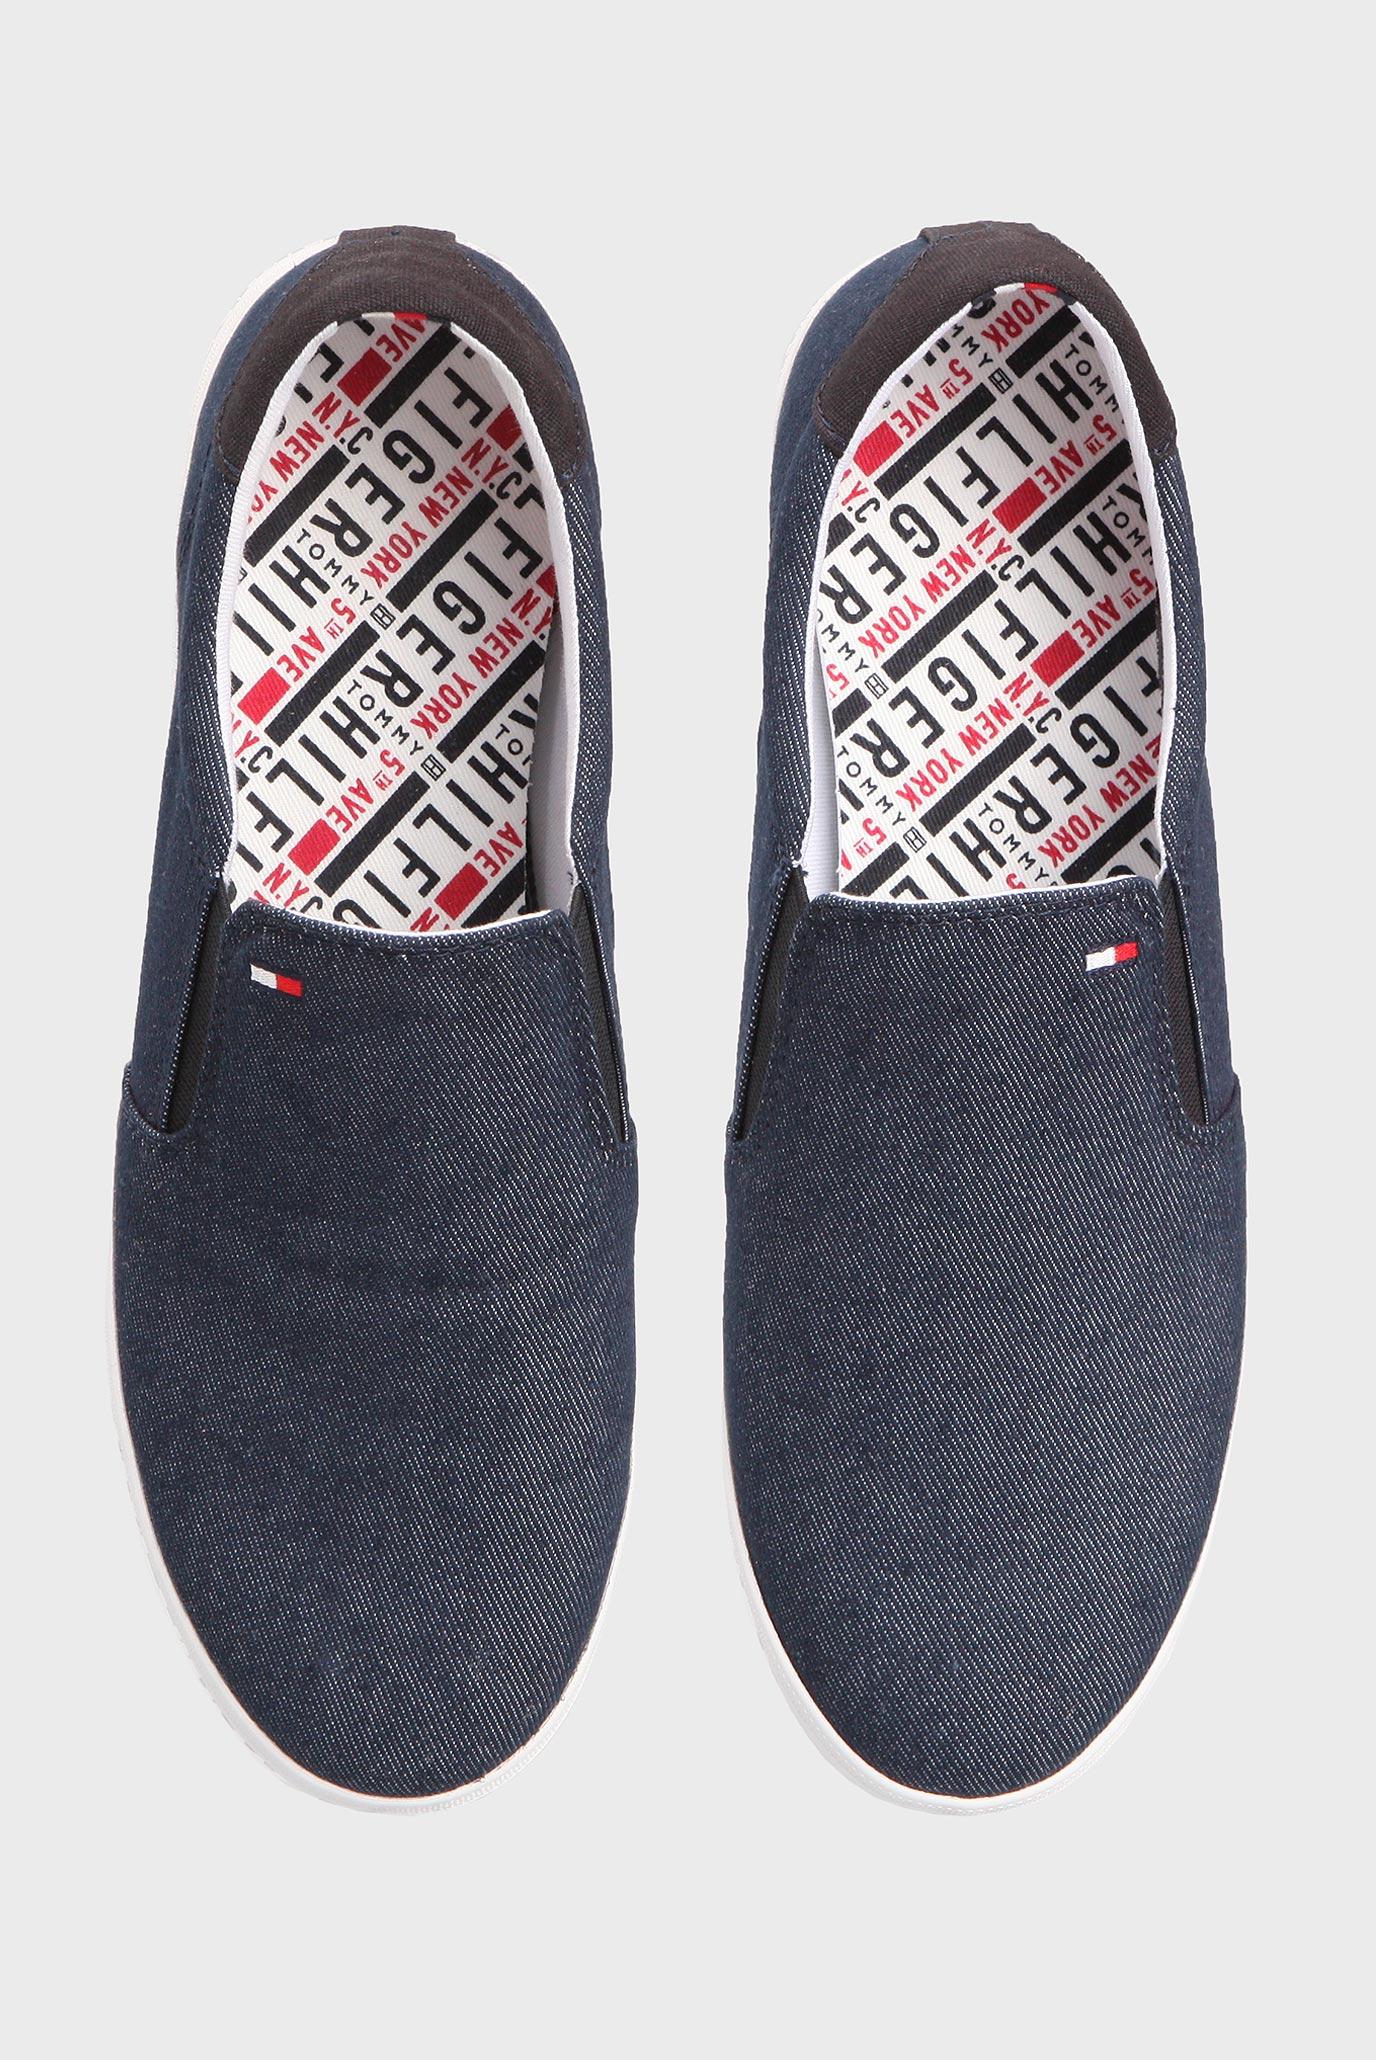 Купить Мужские синие джинсовые слипоны Tommy Hilfiger Tommy Hilfiger FM0FM00474 – Киев, Украина. Цены в интернет магазине MD Fashion